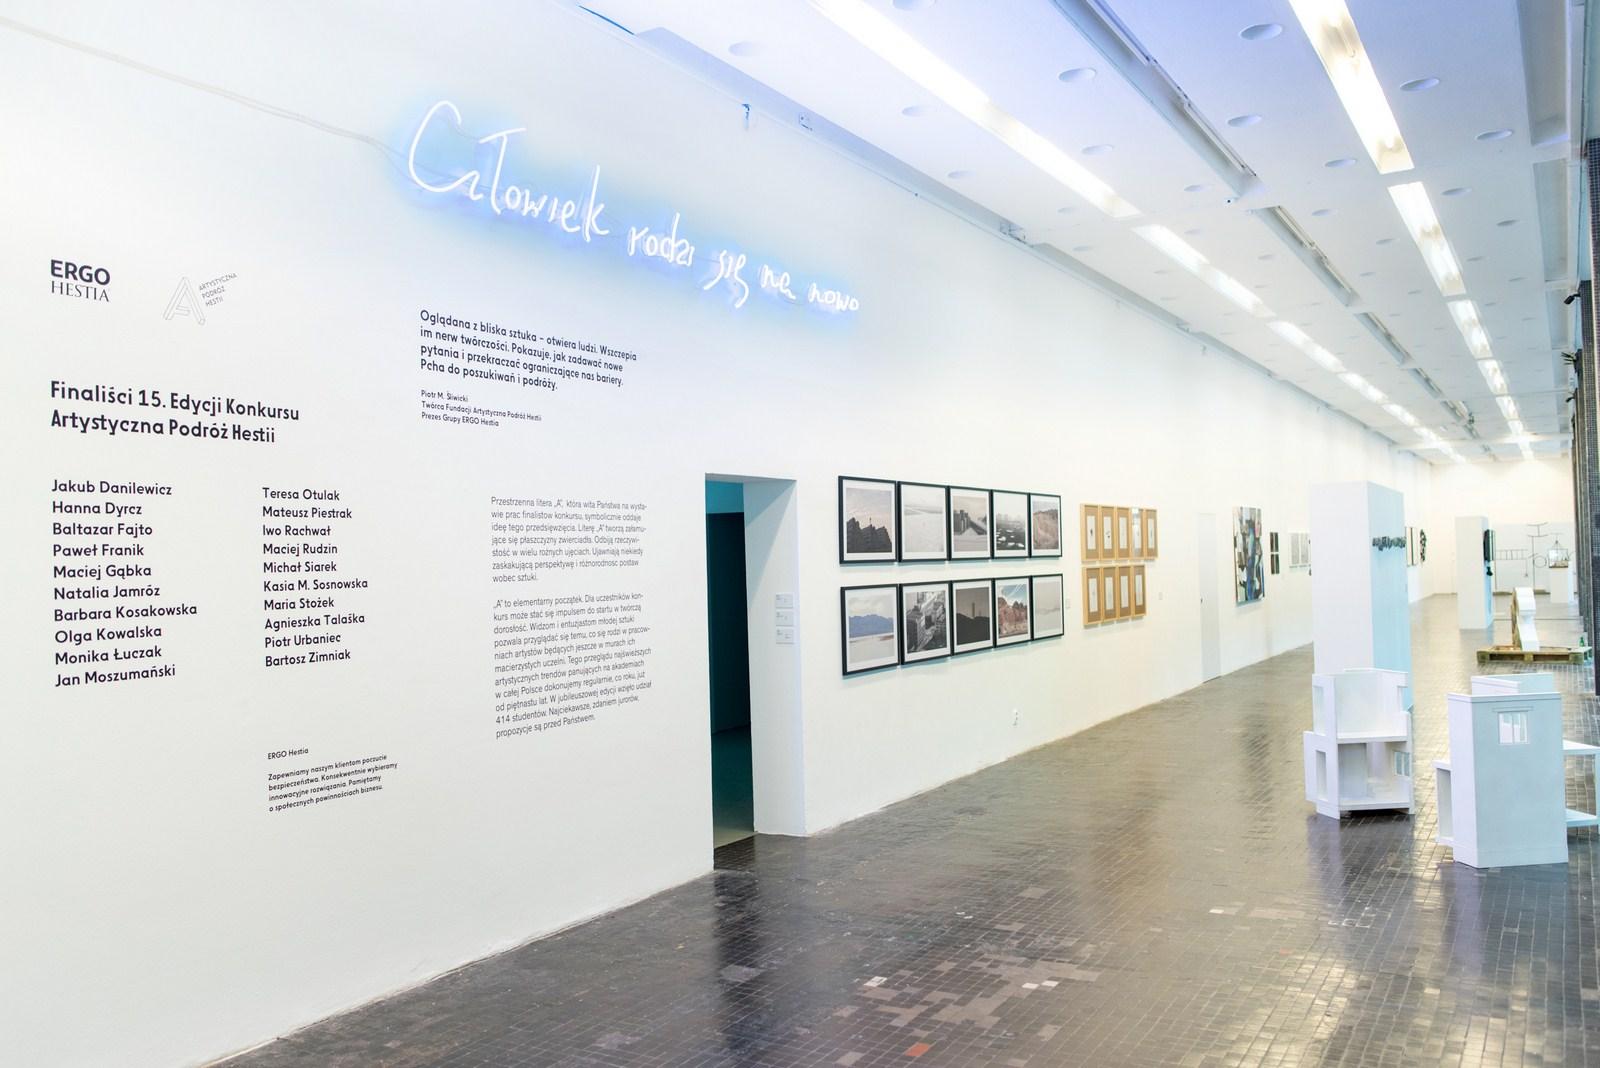 """Katarzyna Kimak, Człowiek rodzi się nanowo (zcyklu """"Dialog""""), neon, 2016, koncepcja artystyczna raportu rocznego ERGO Hestii"""